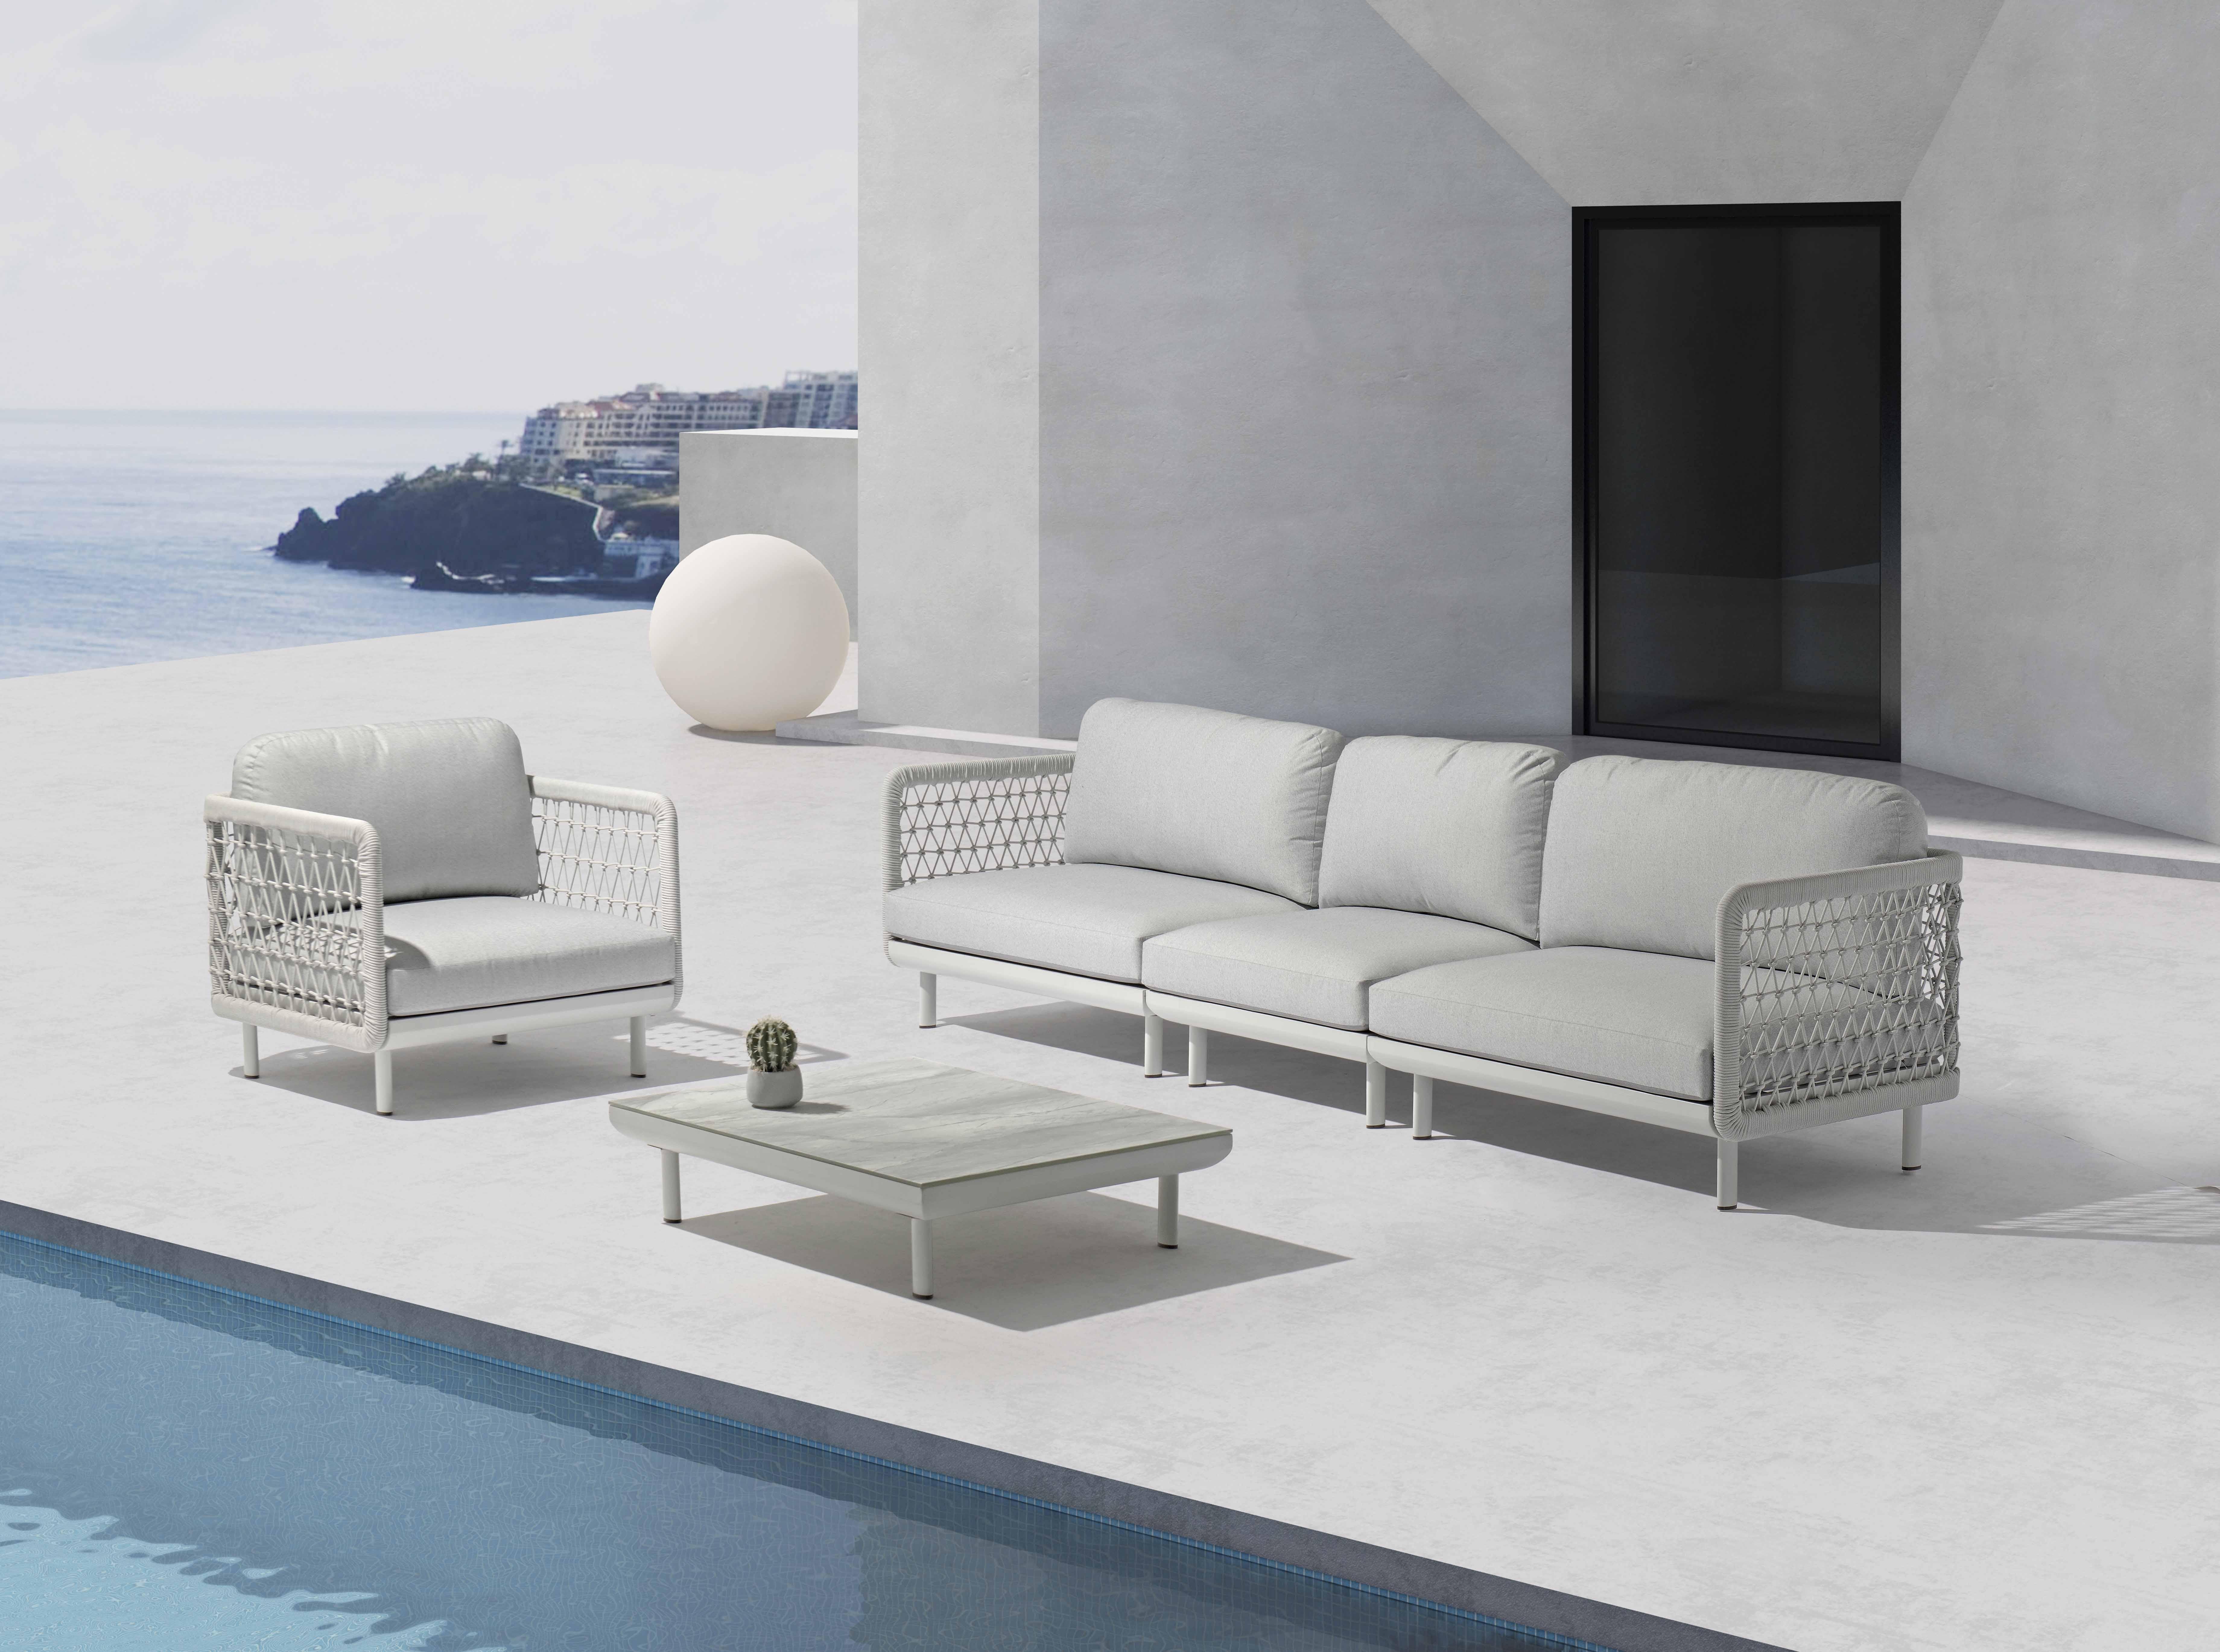 酒店别墅户外沙发组合阳台花园沙发套装